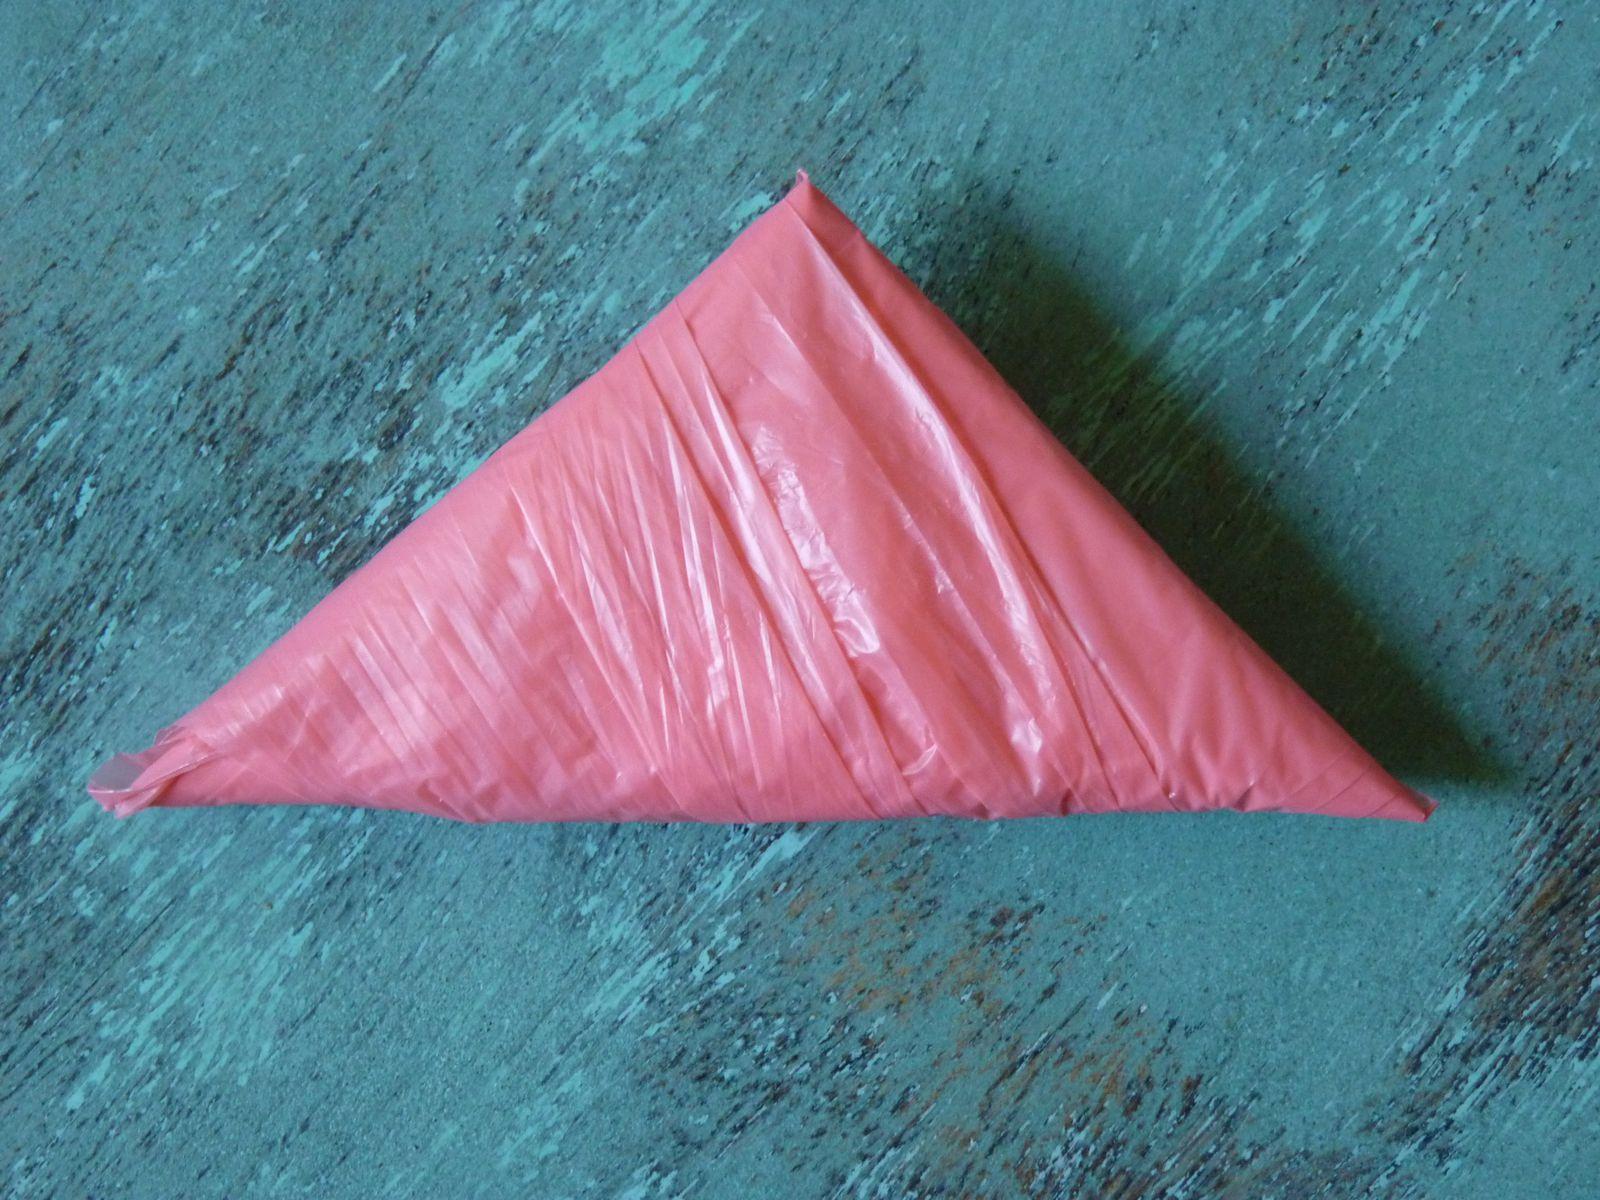 Ce triangle rose est un sachet plastique plié de telle façon qu'il ne prenne pas de place dans le sac. La méthode de pliage est japonaise. Ces sachets sont bien présents tout autour du globe. Merci de ne jamais les abndonner dans la nature!